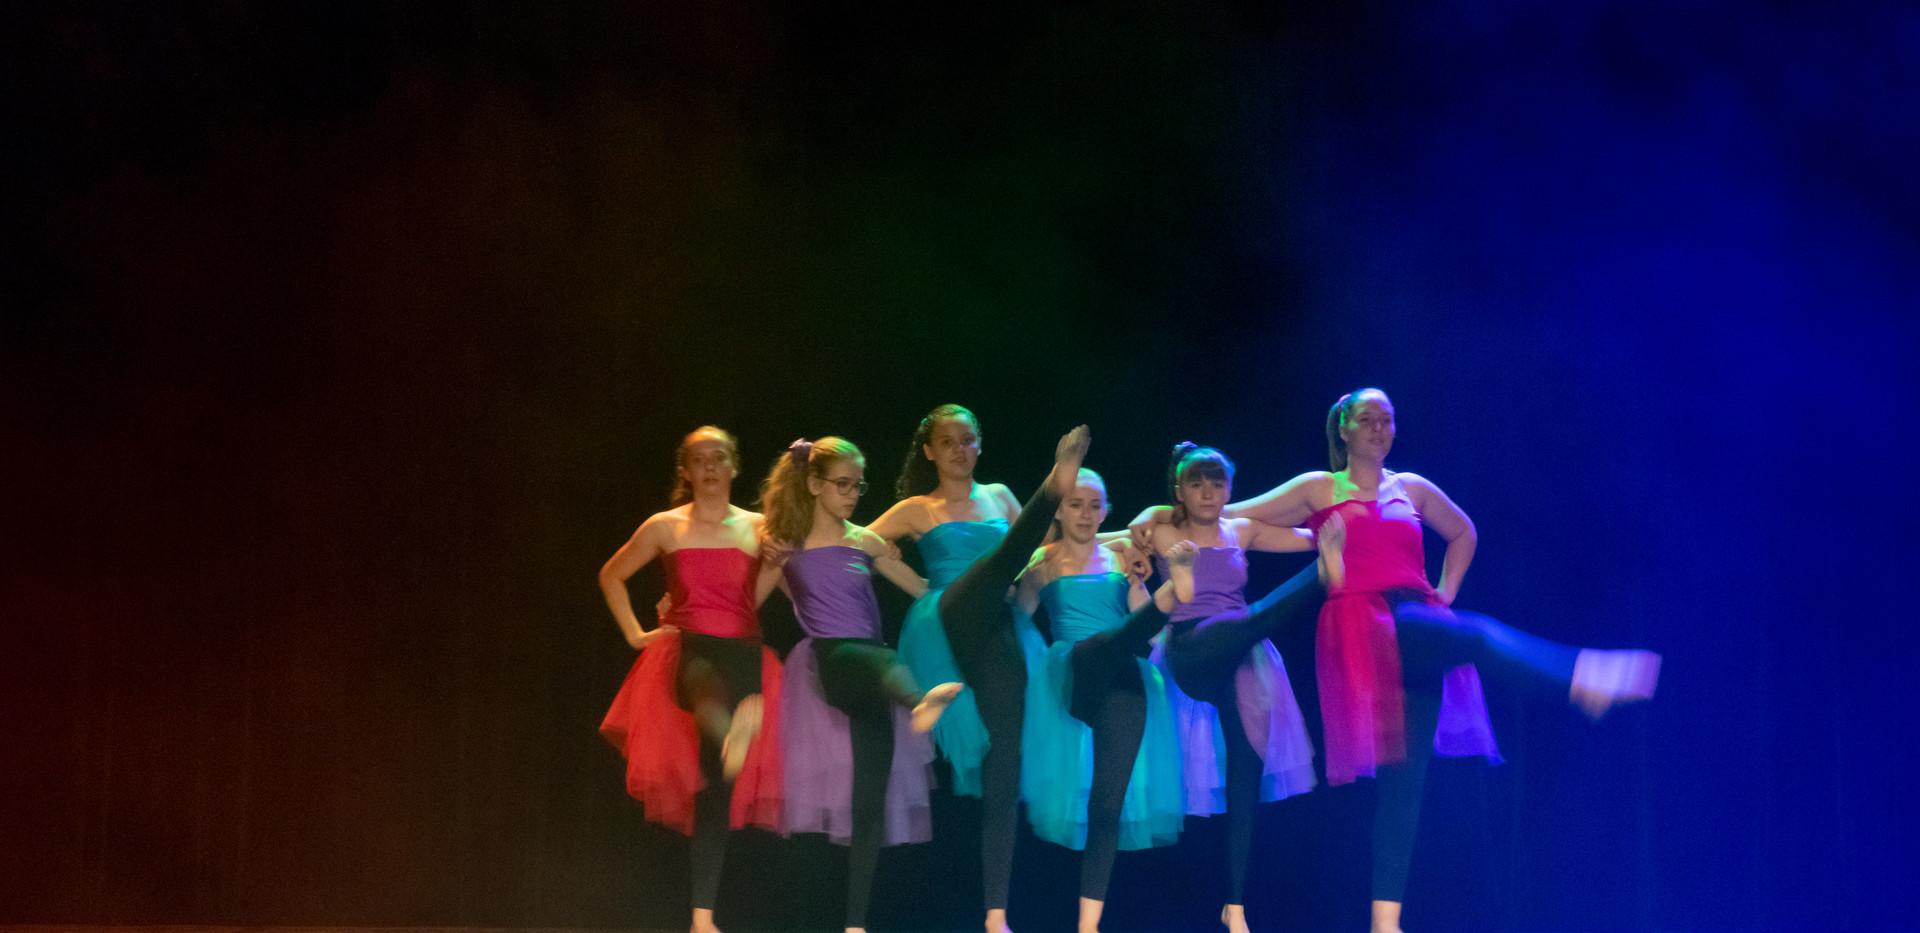 Gala_de_danse-50.jpg